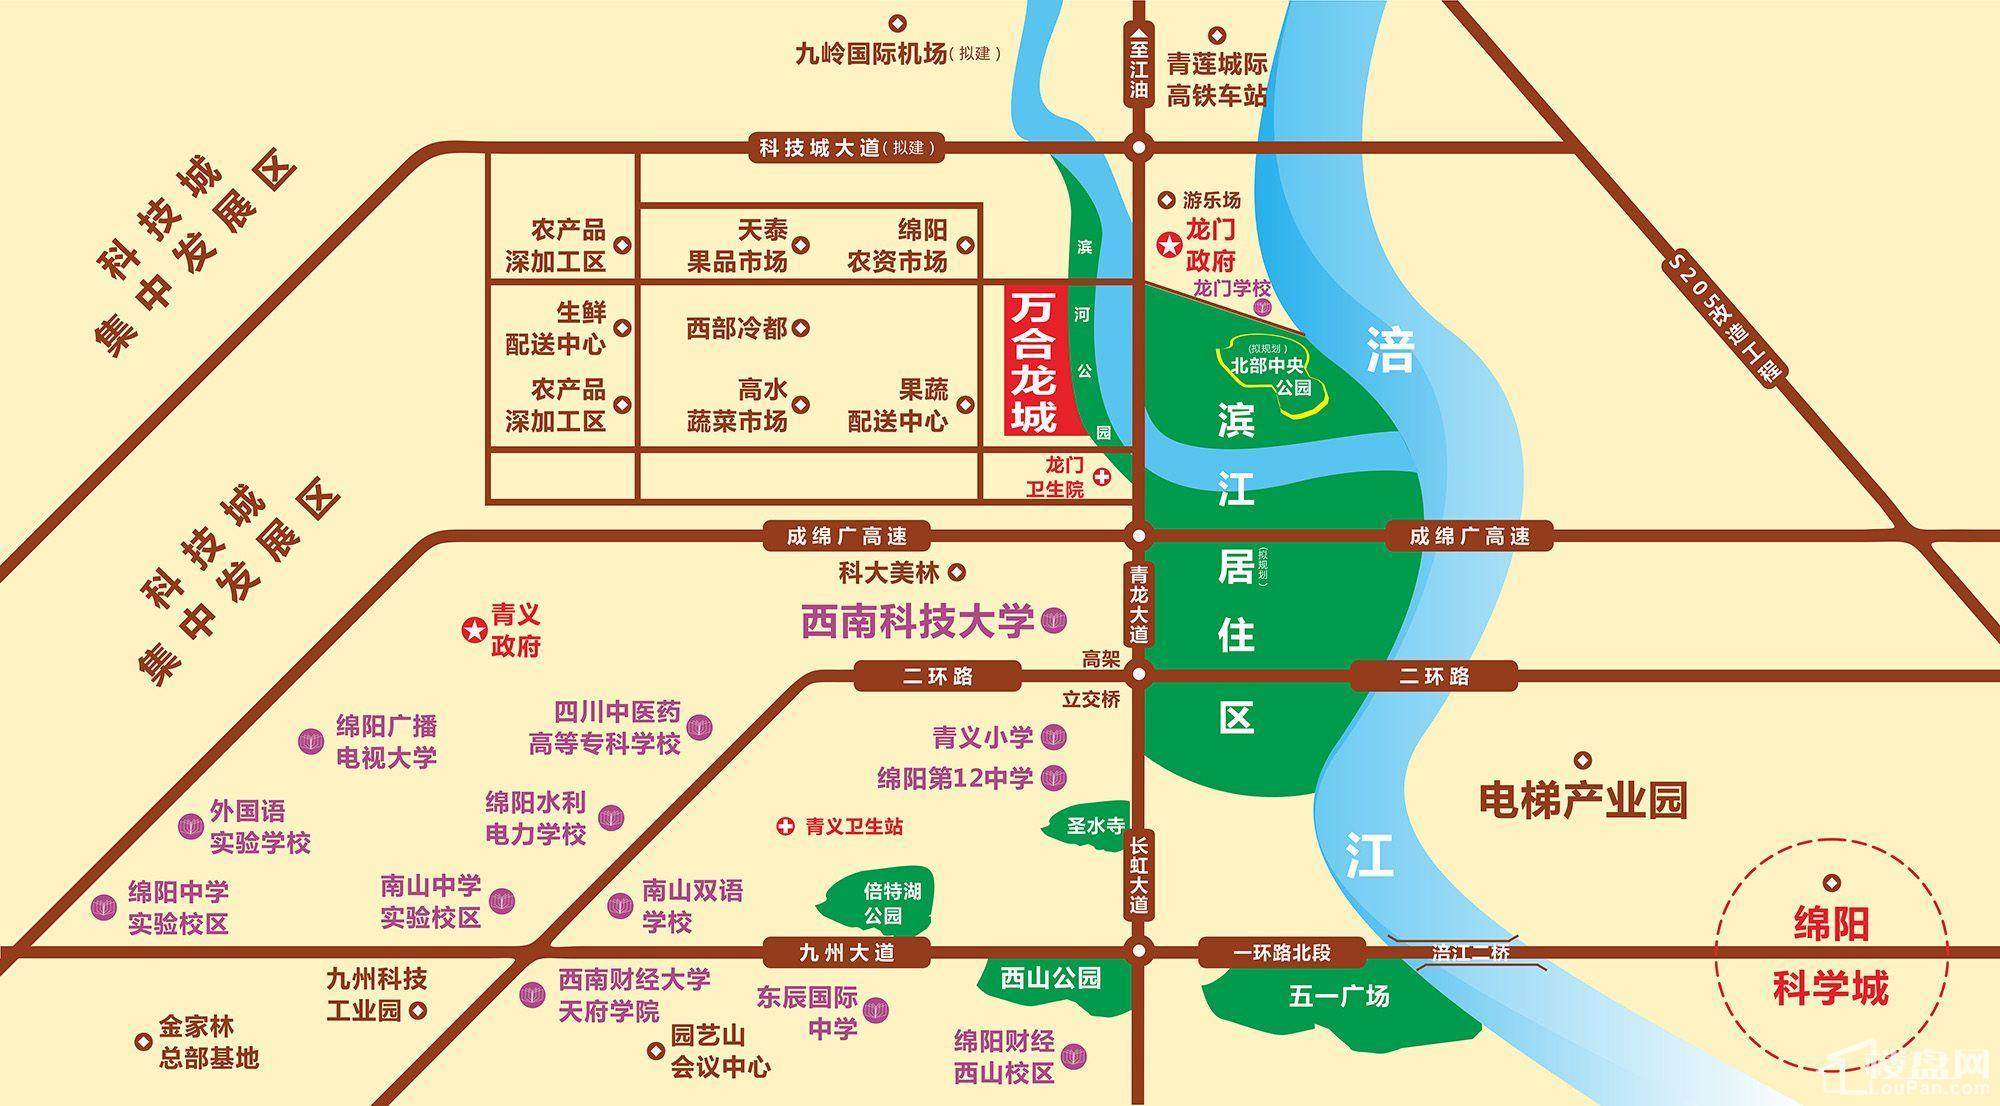 万合龍城位置图